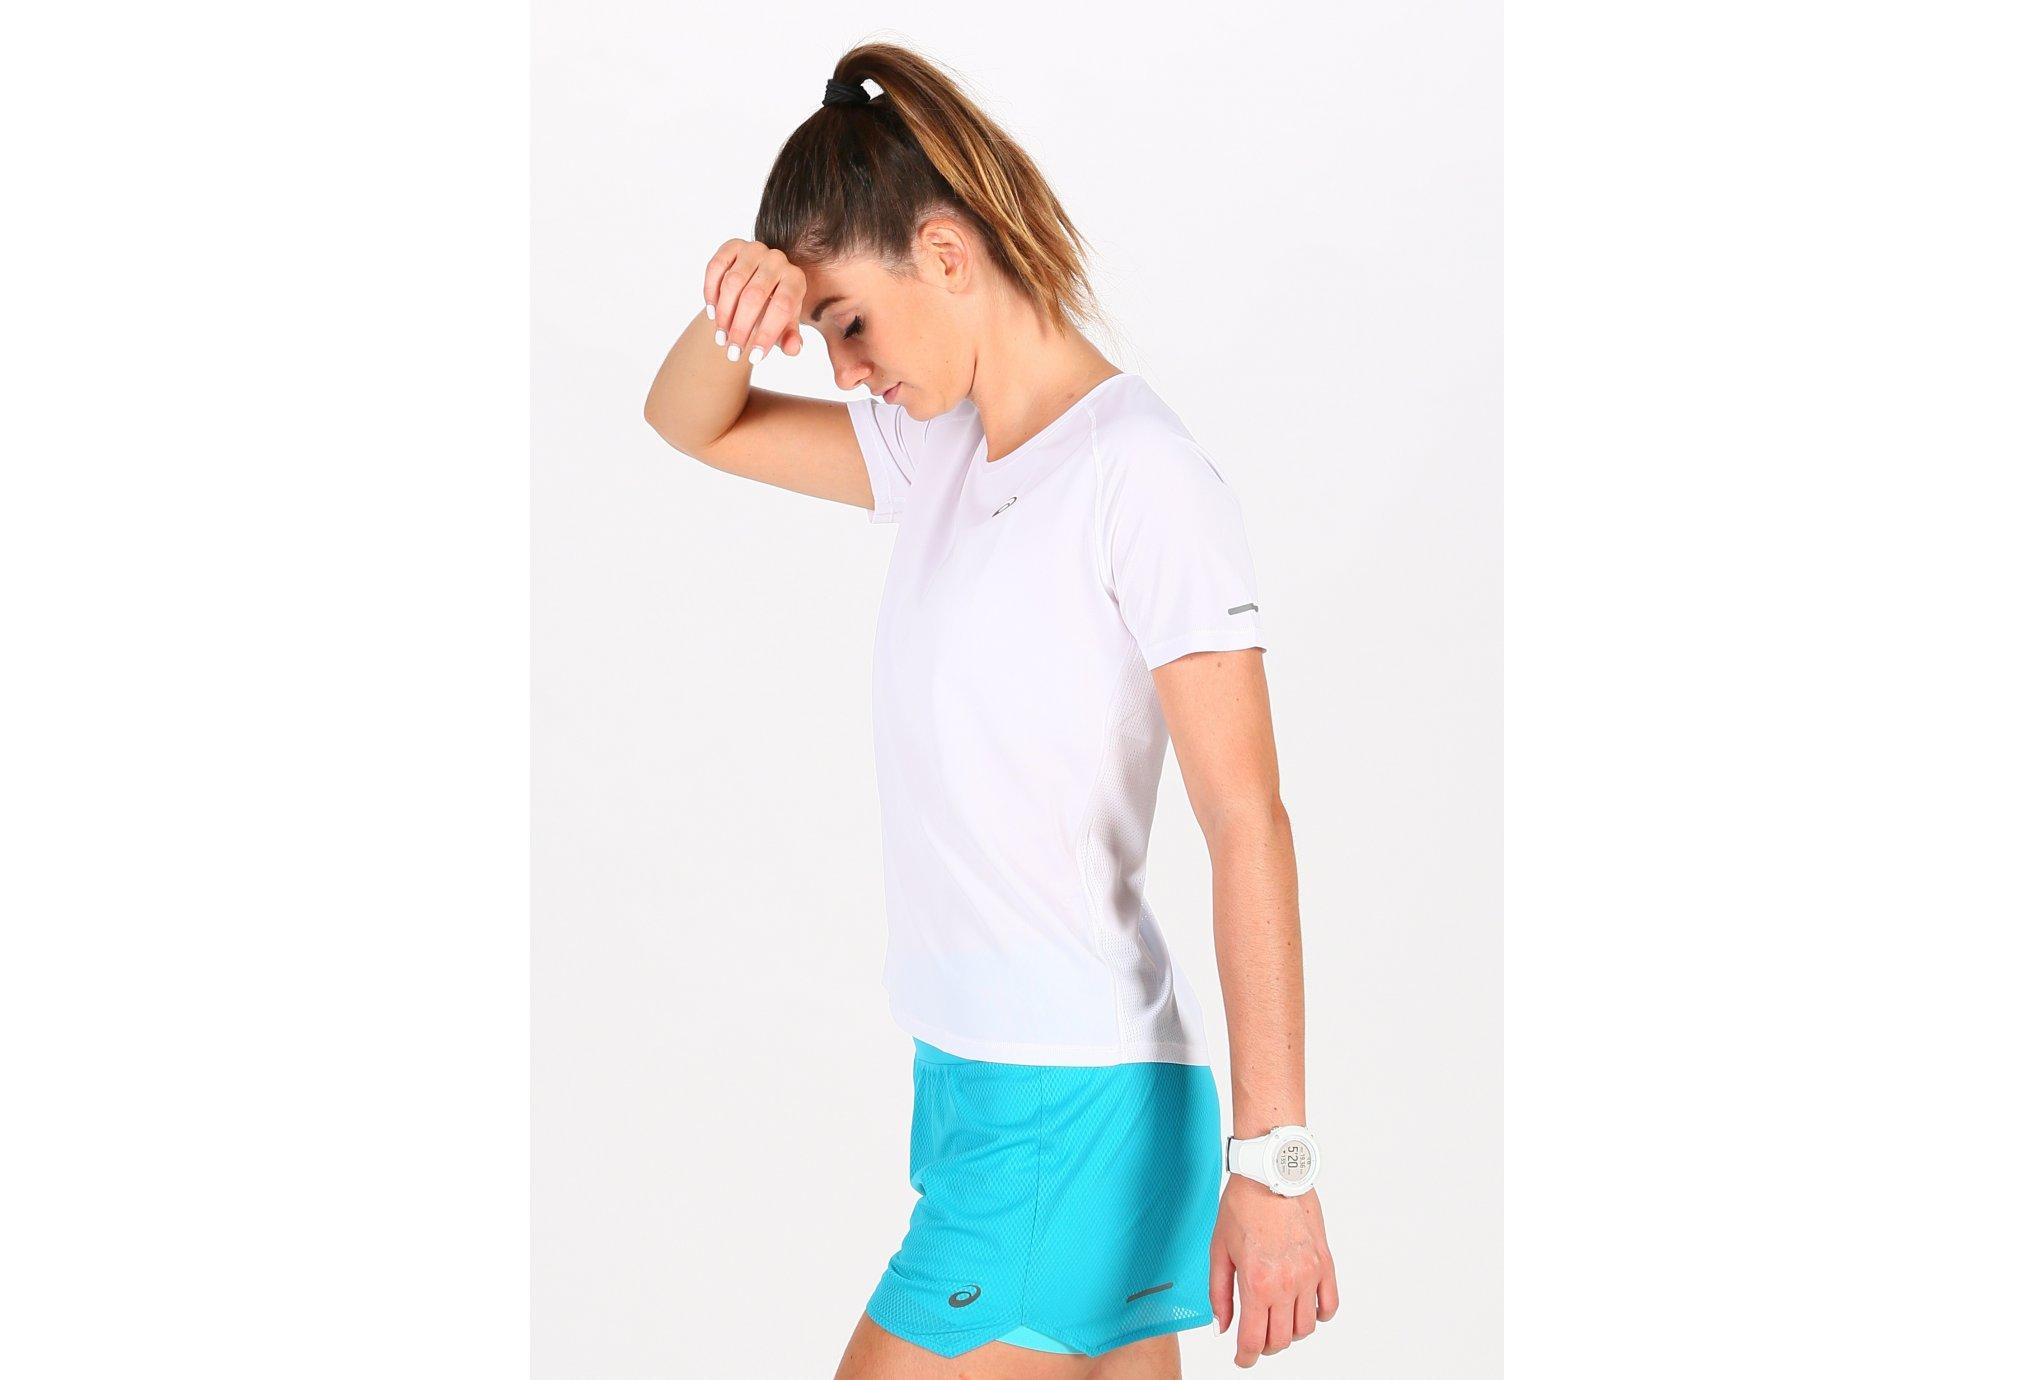 Asics Ventilate W Diététique Vêtements femme